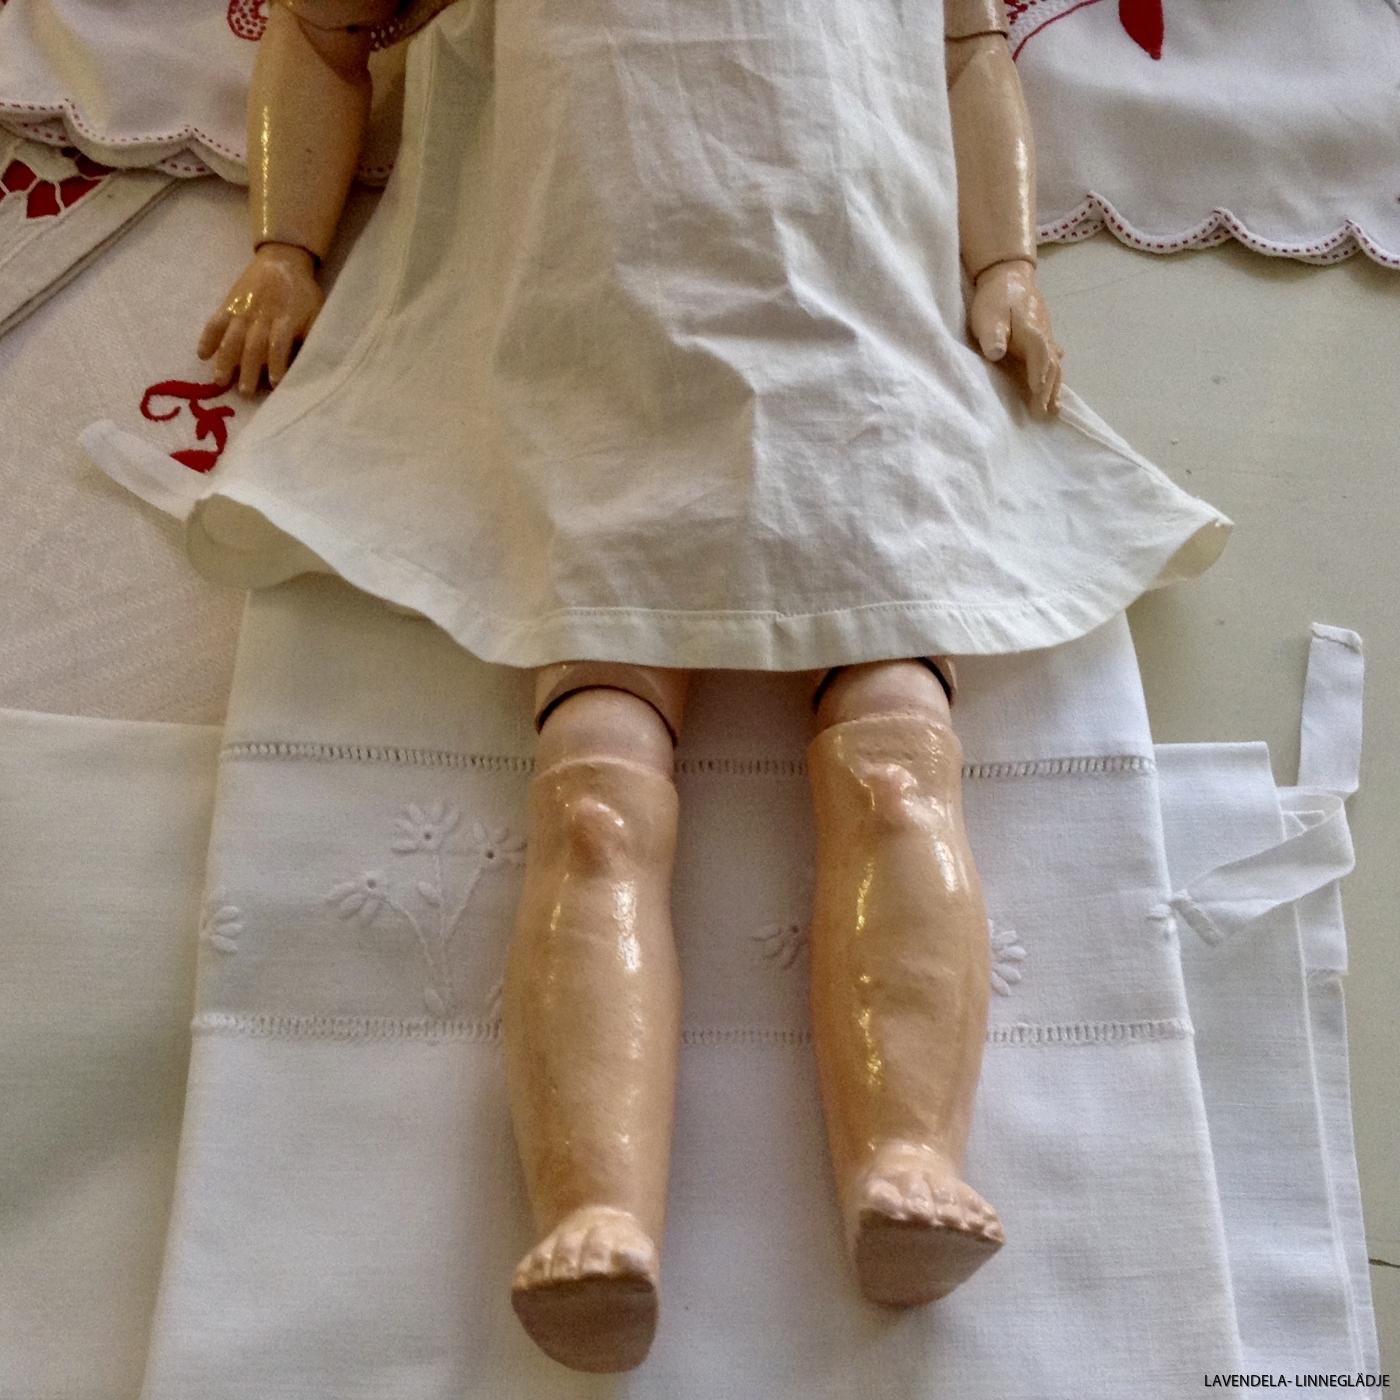 Armar och ben på dockan.